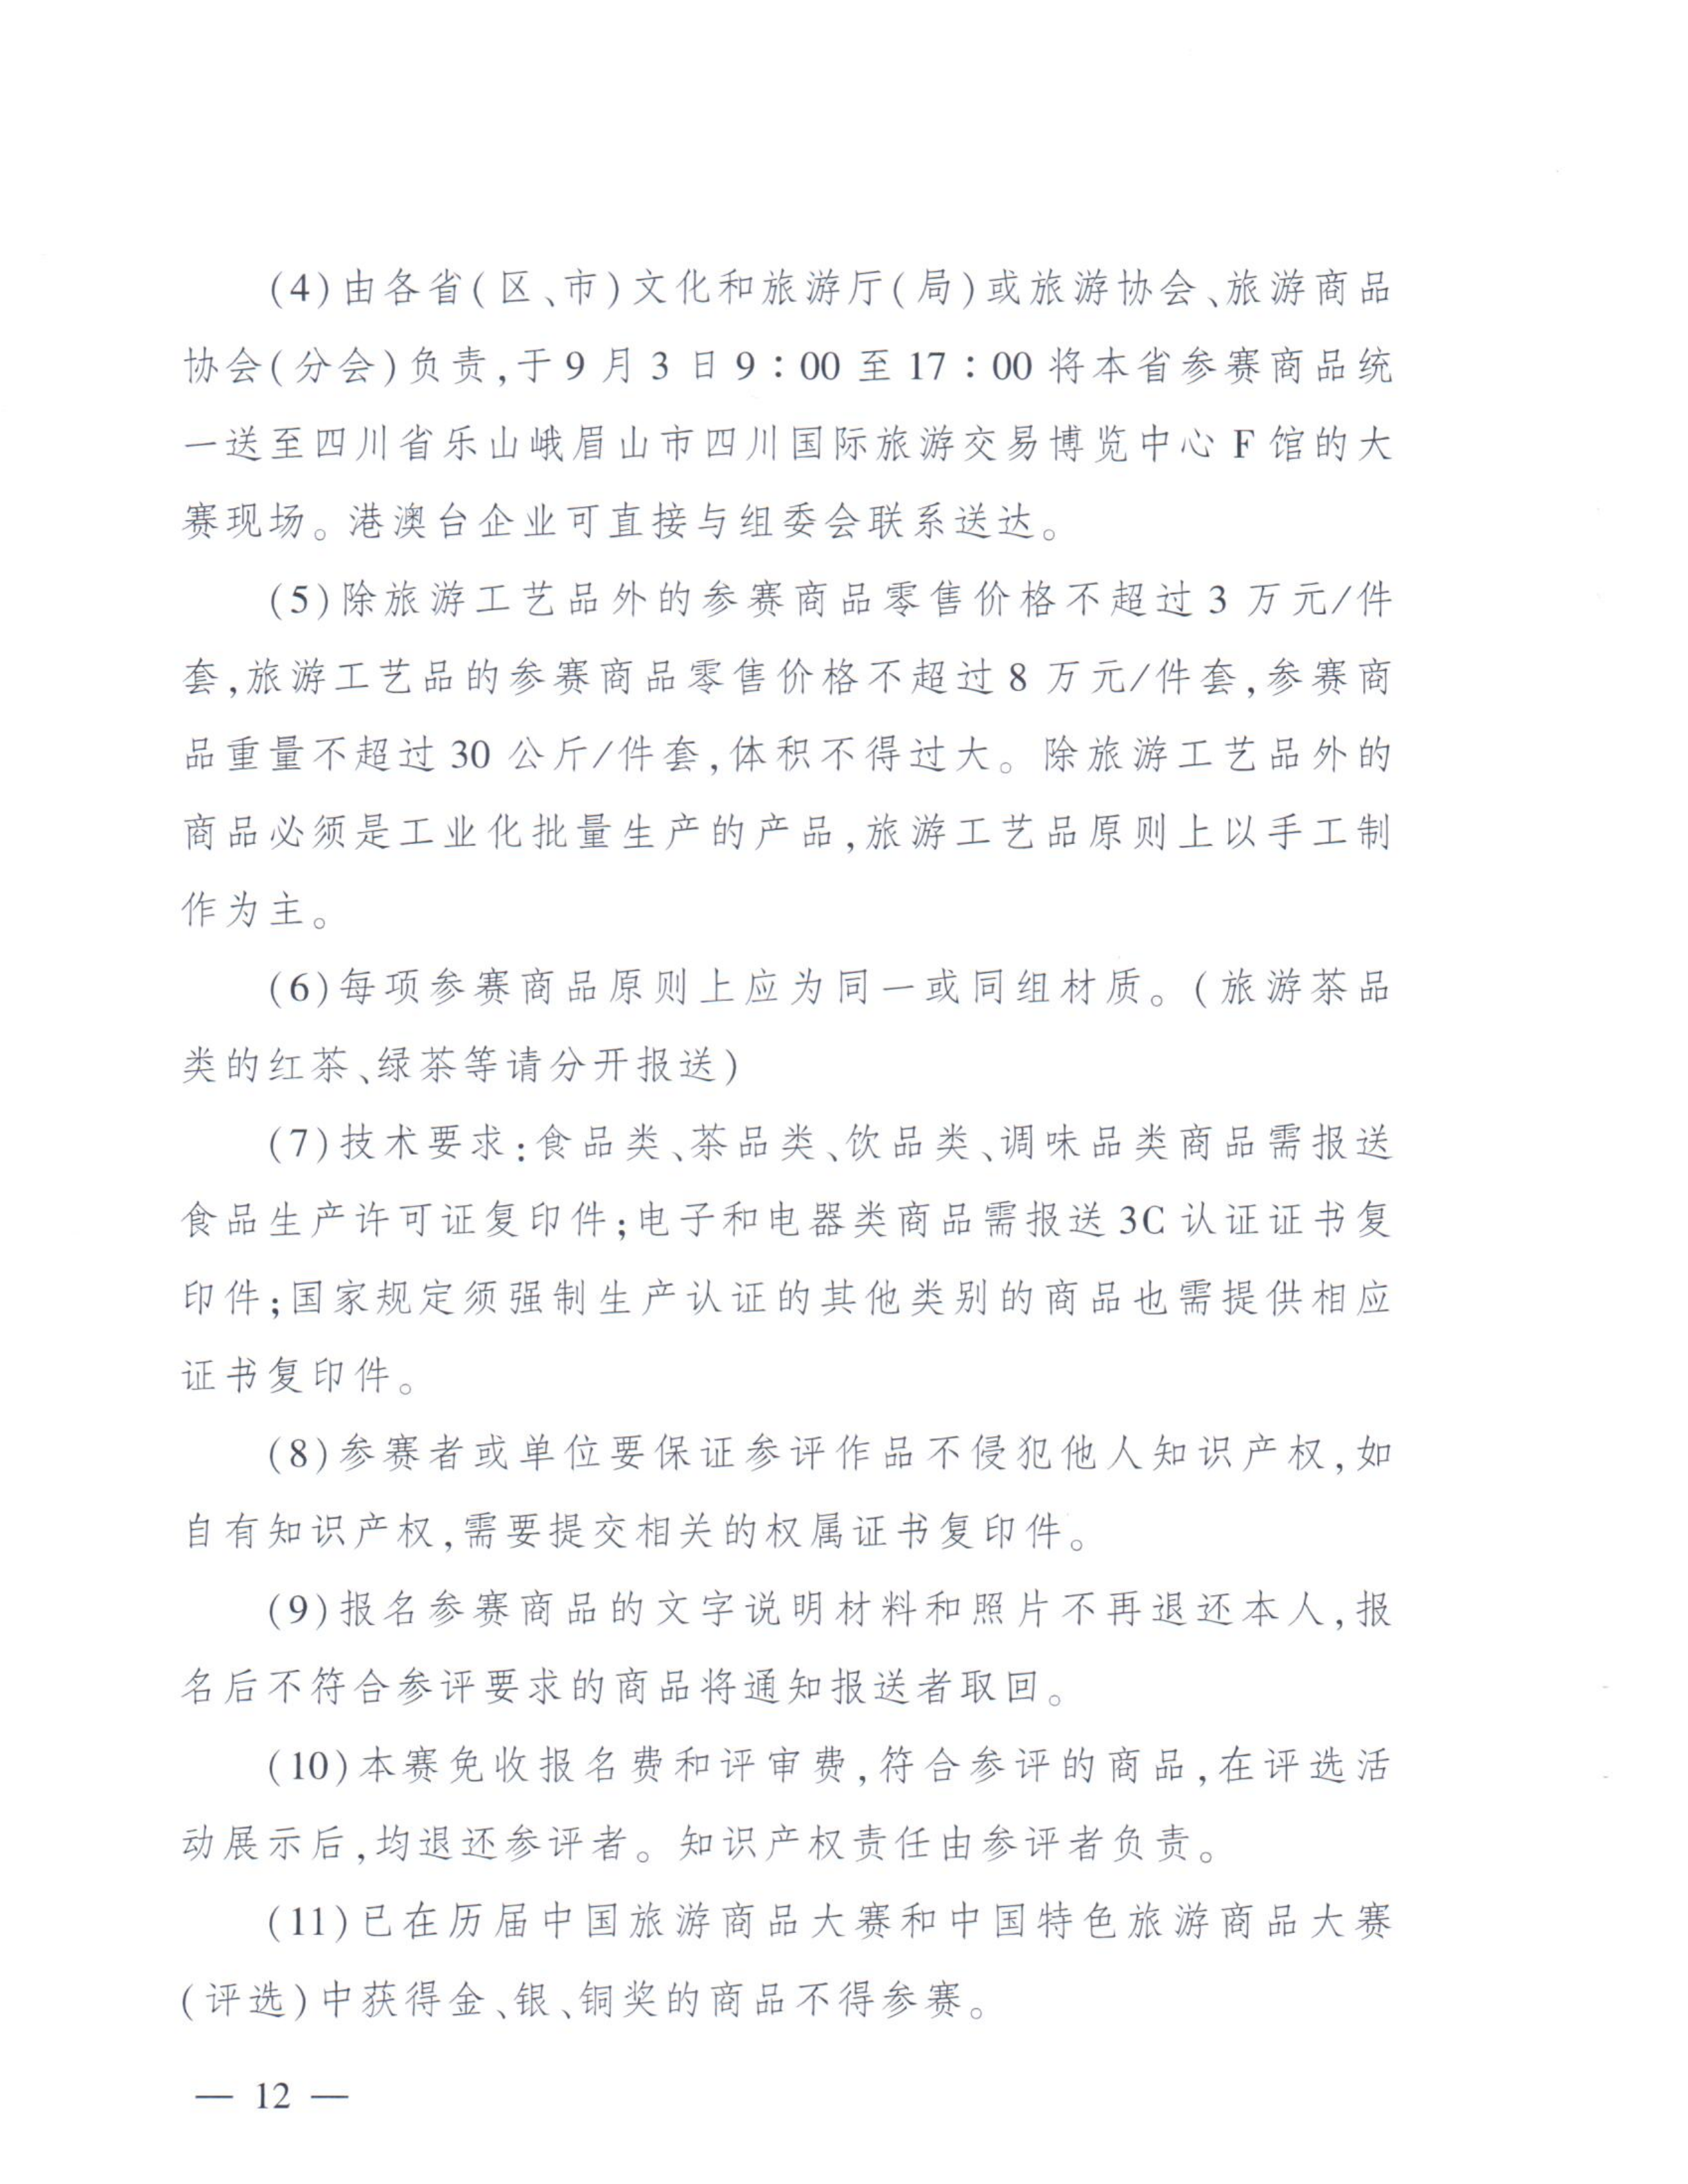 舉辦2019中國特色旅游商品大賽的通知-9-舉辦2019中國特色旅游商品大賽的通知-9_11